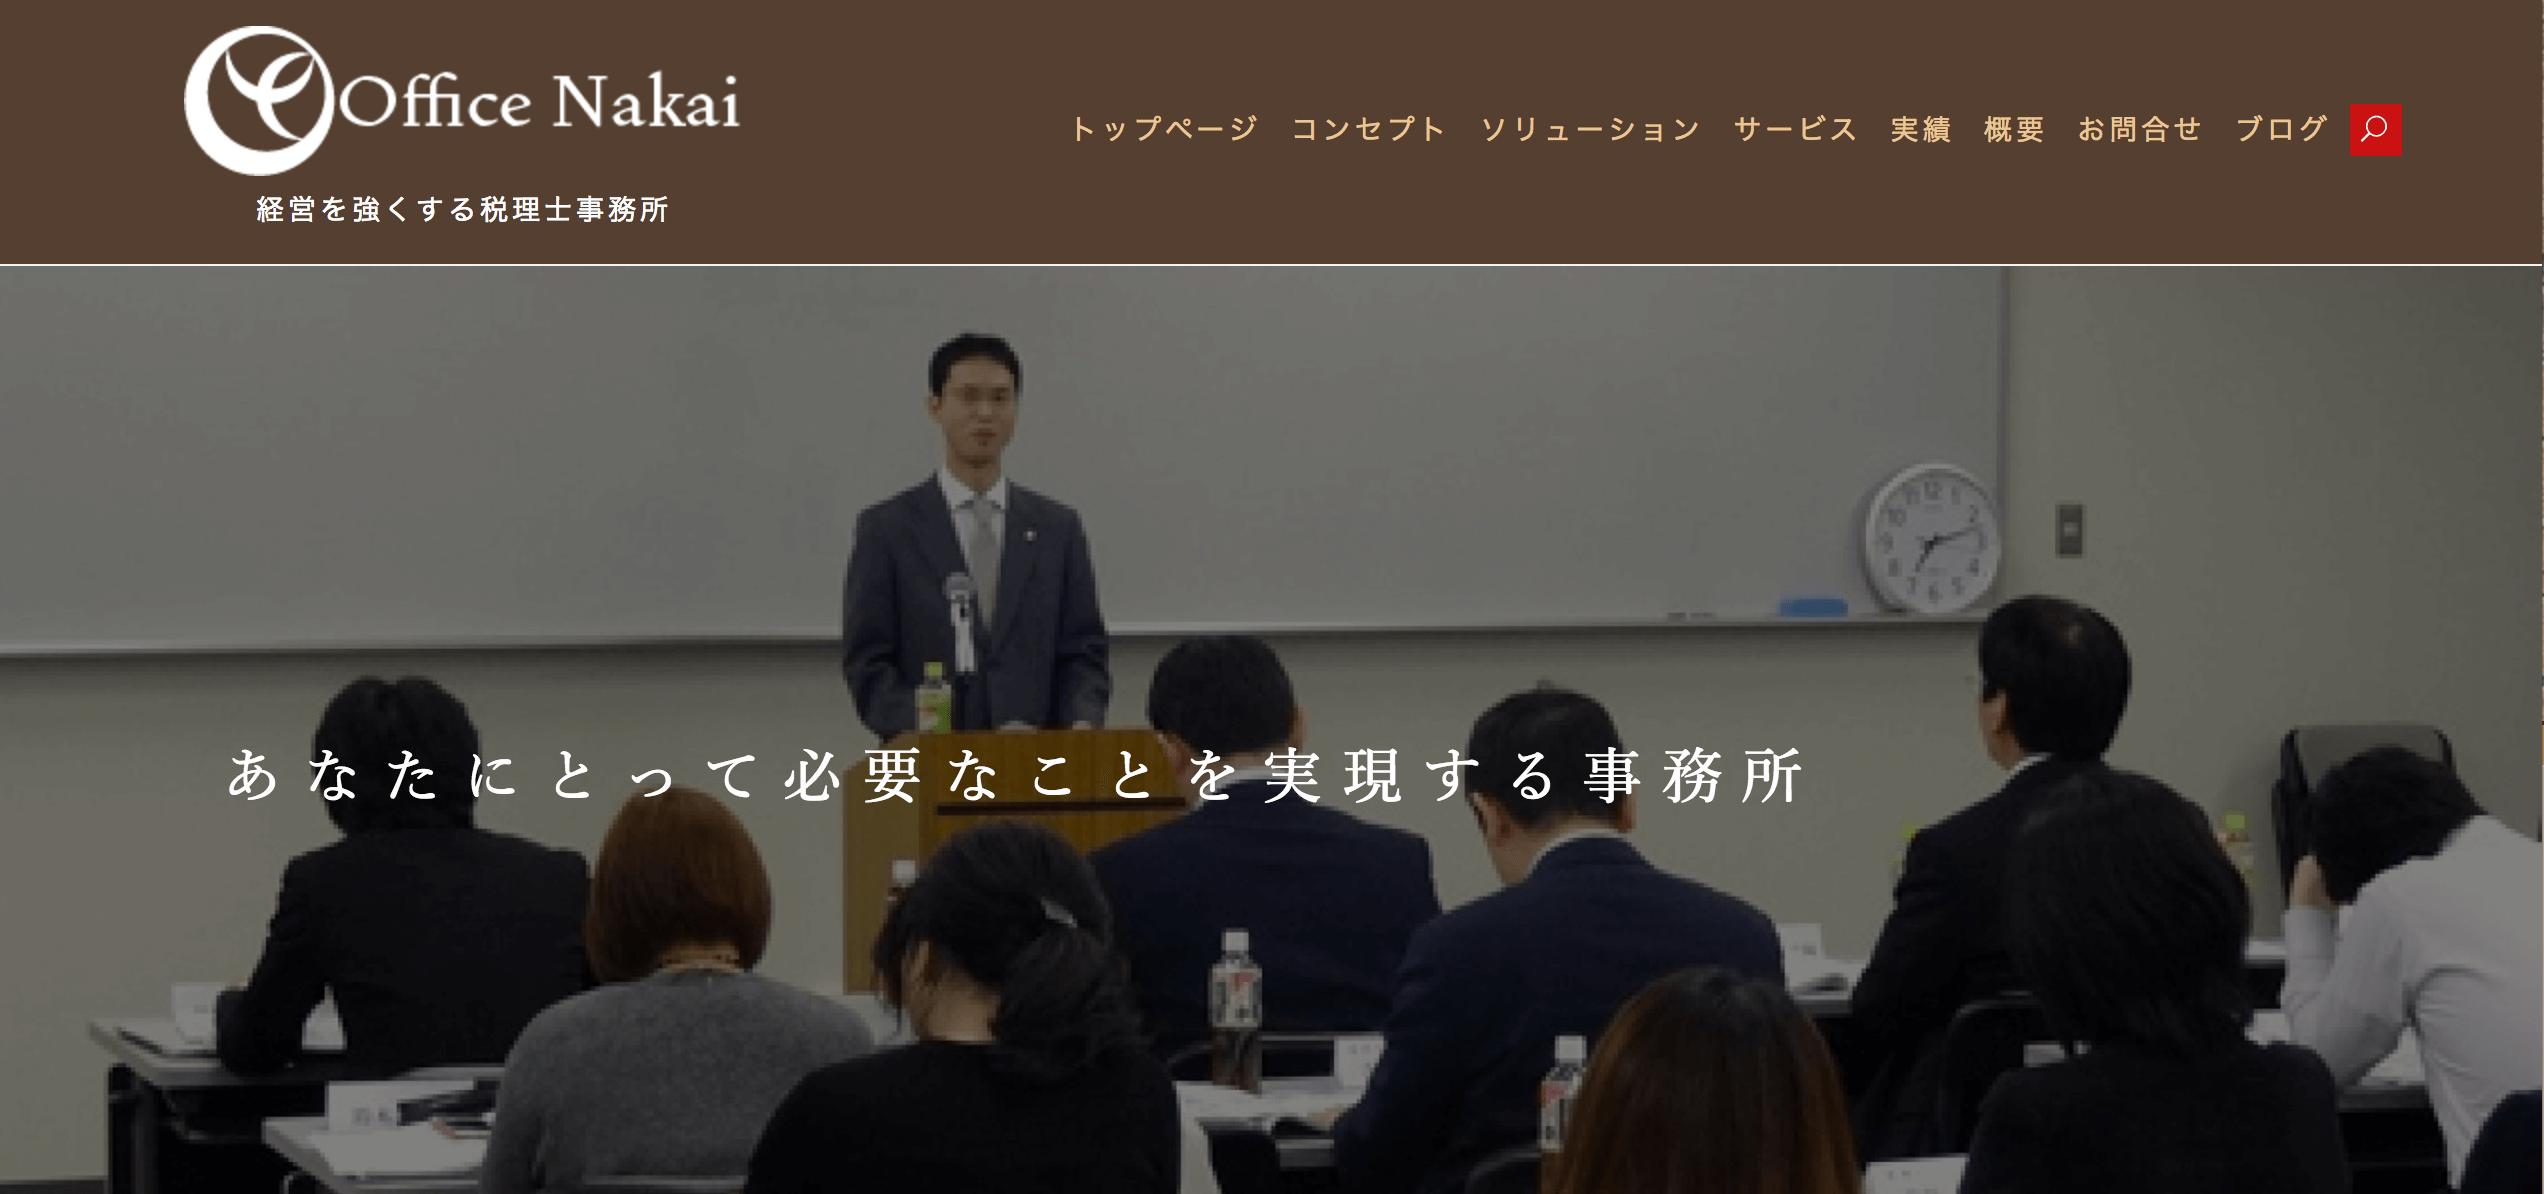 コーポレートサイトー中井徹哉税理士事務所様